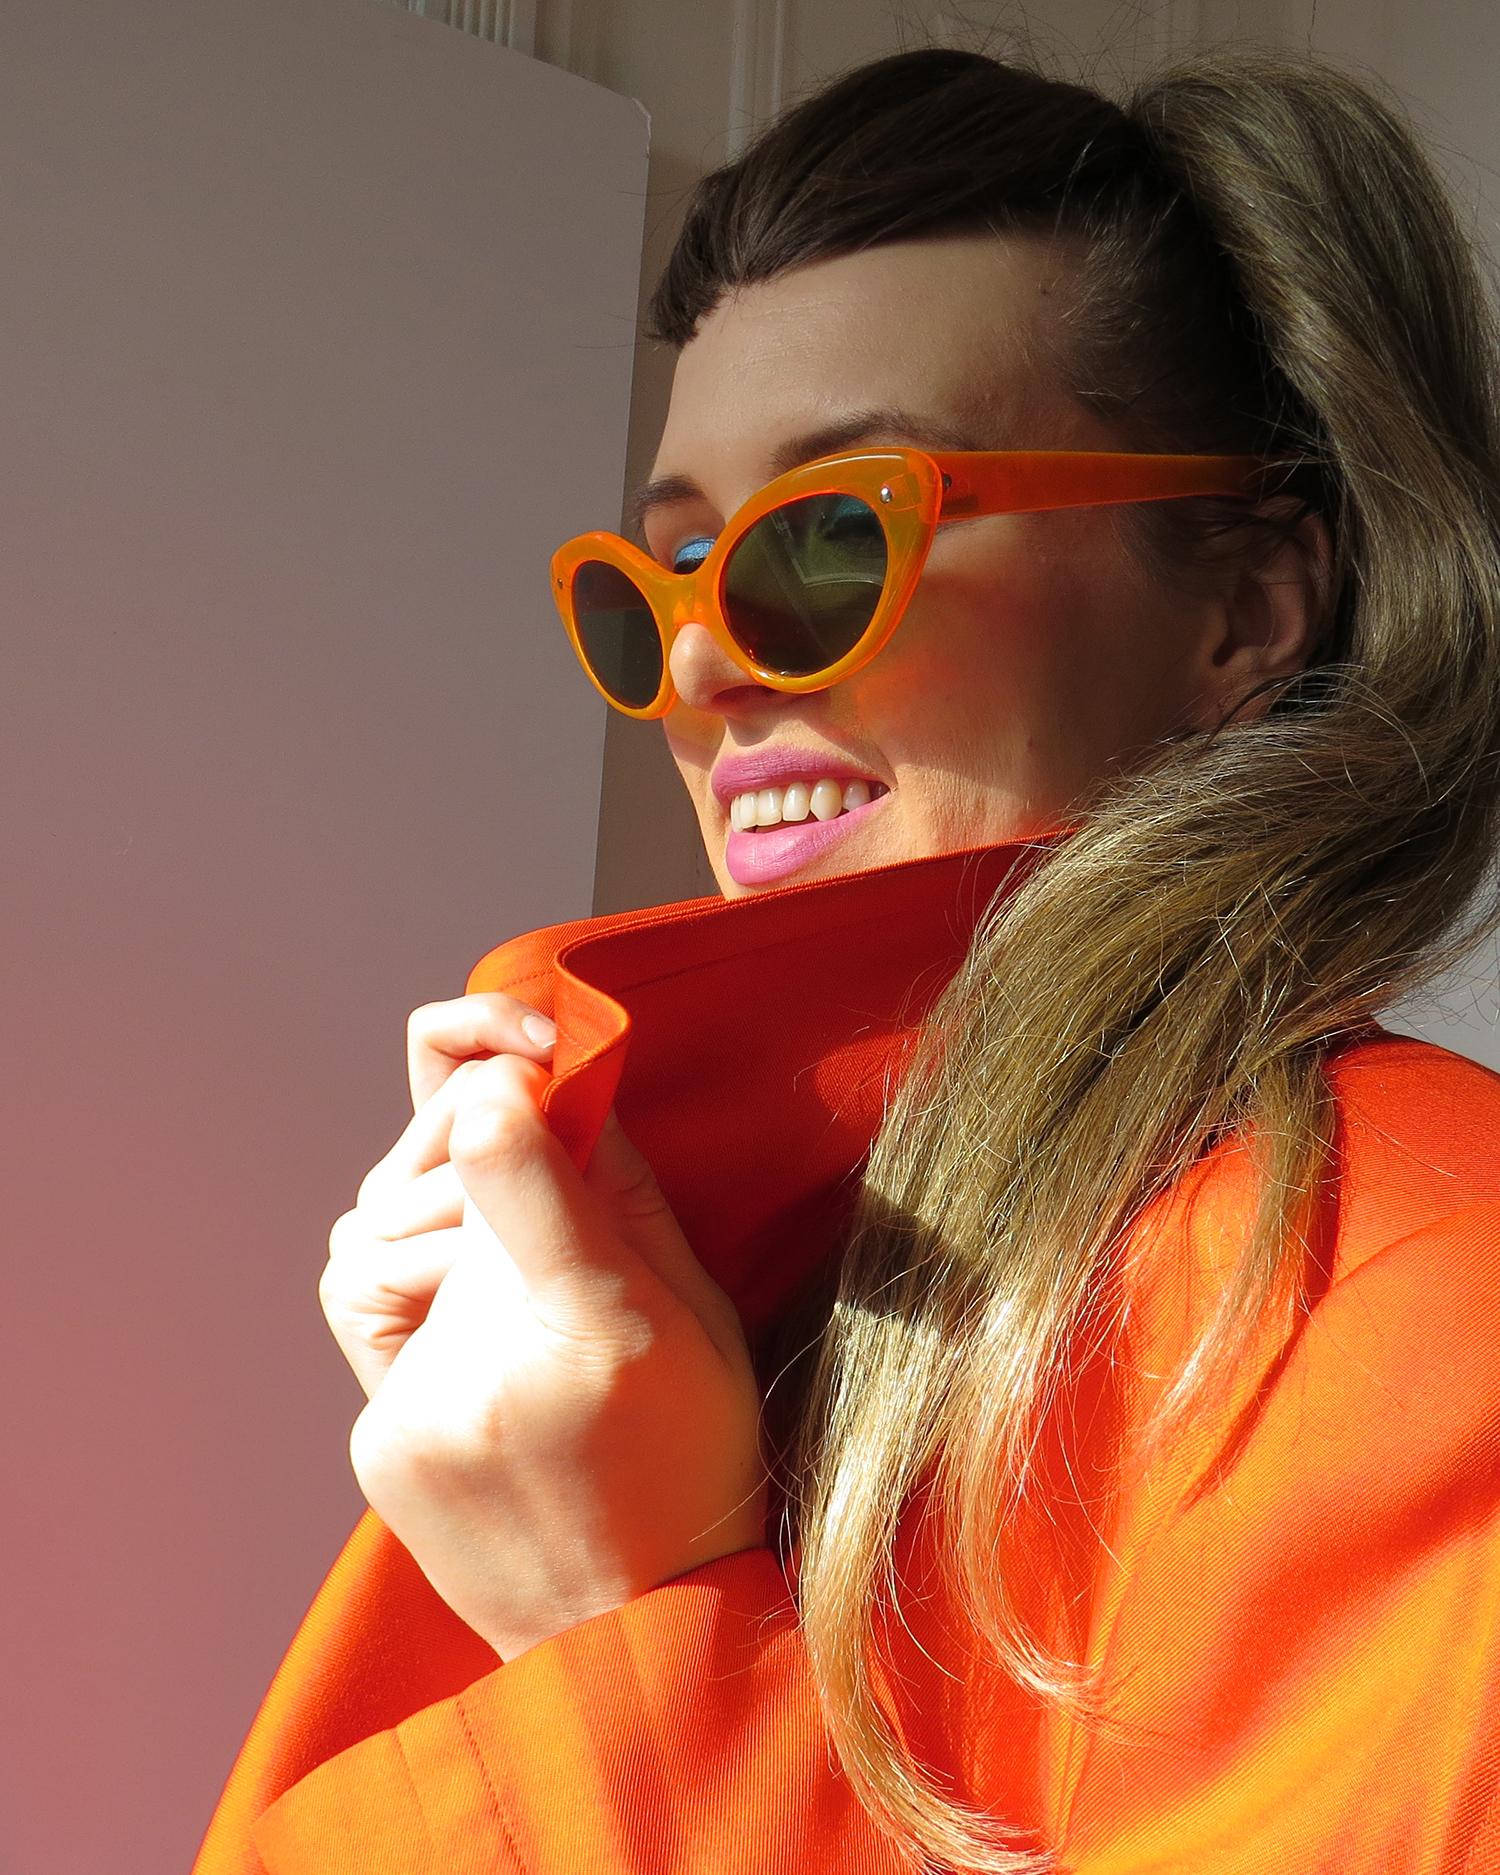 vintage-sunglasses.jpg